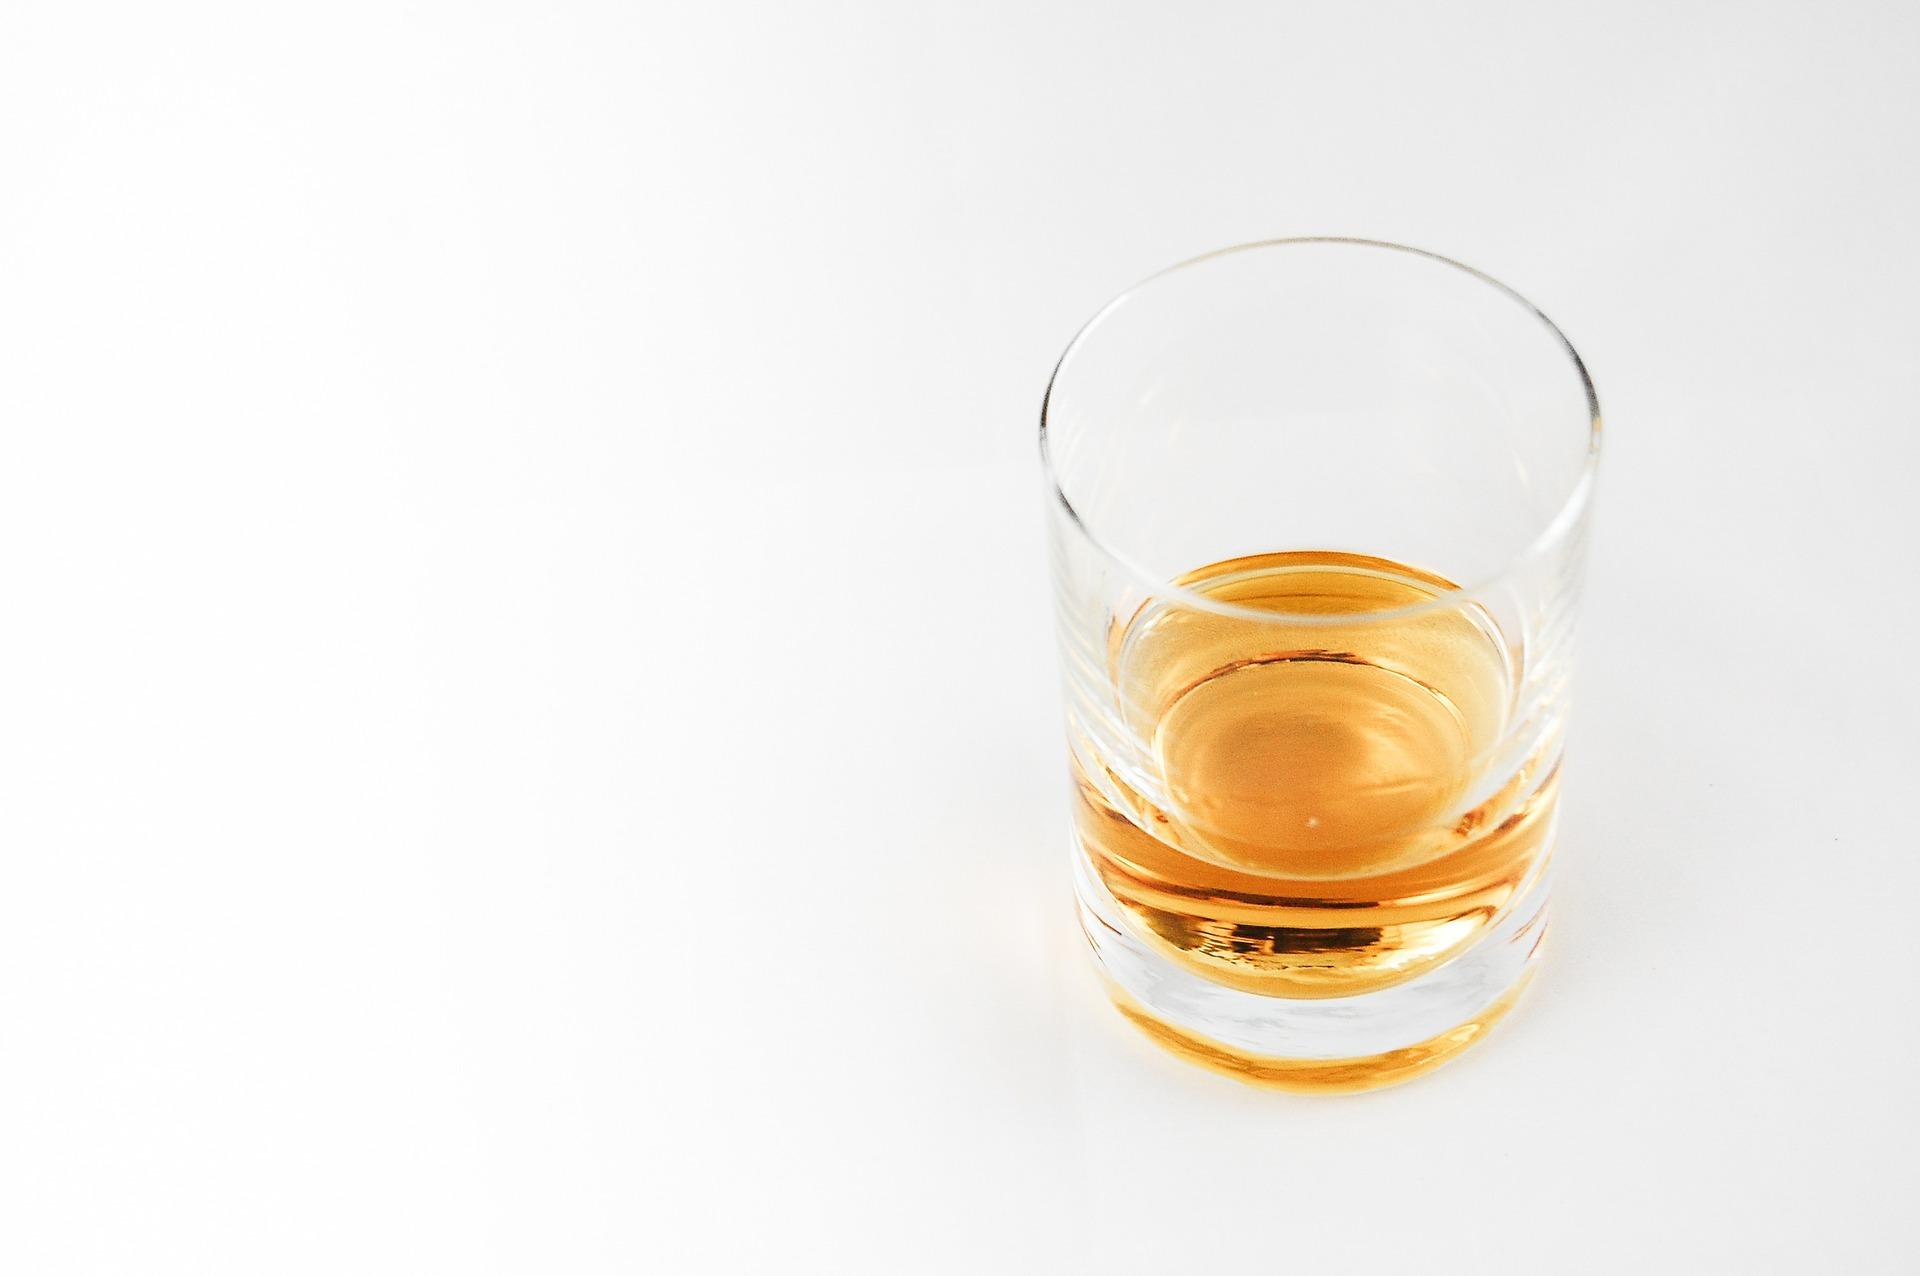 Proizvođači: Brexit bez dogovora rizik za izvoz škotskog viskija